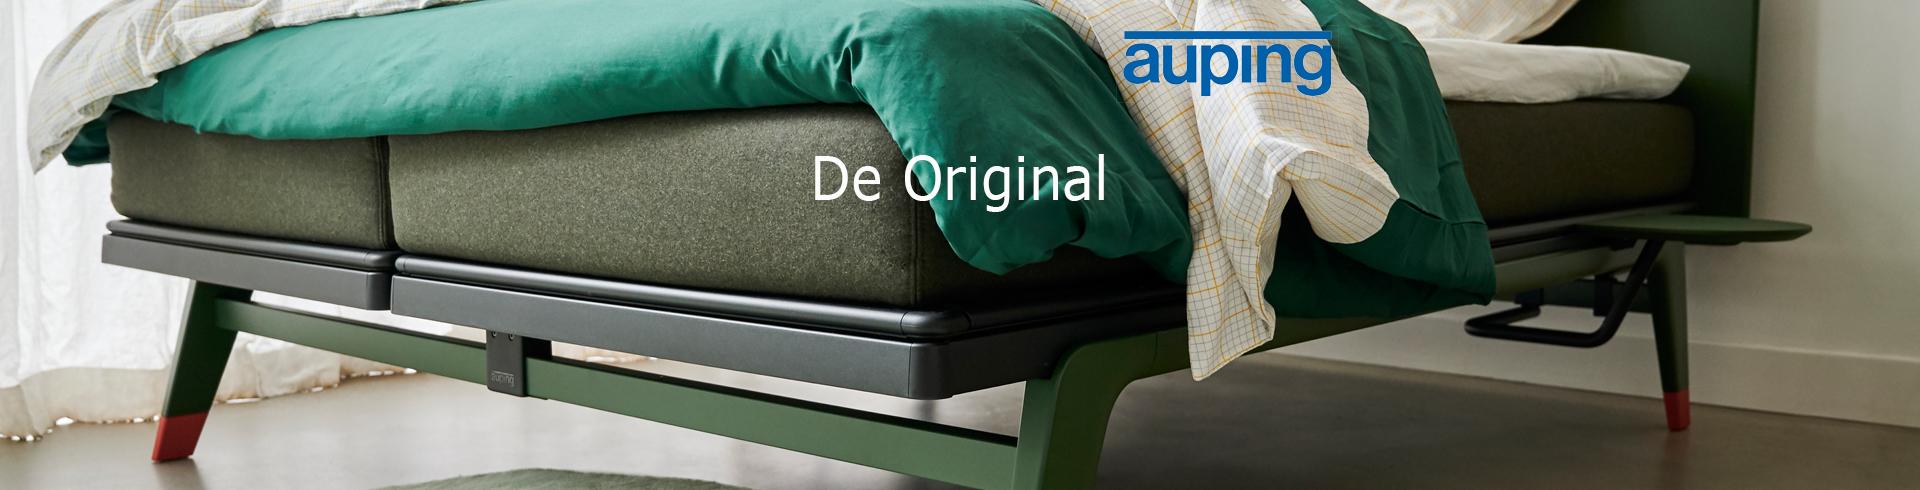 Auping De Original